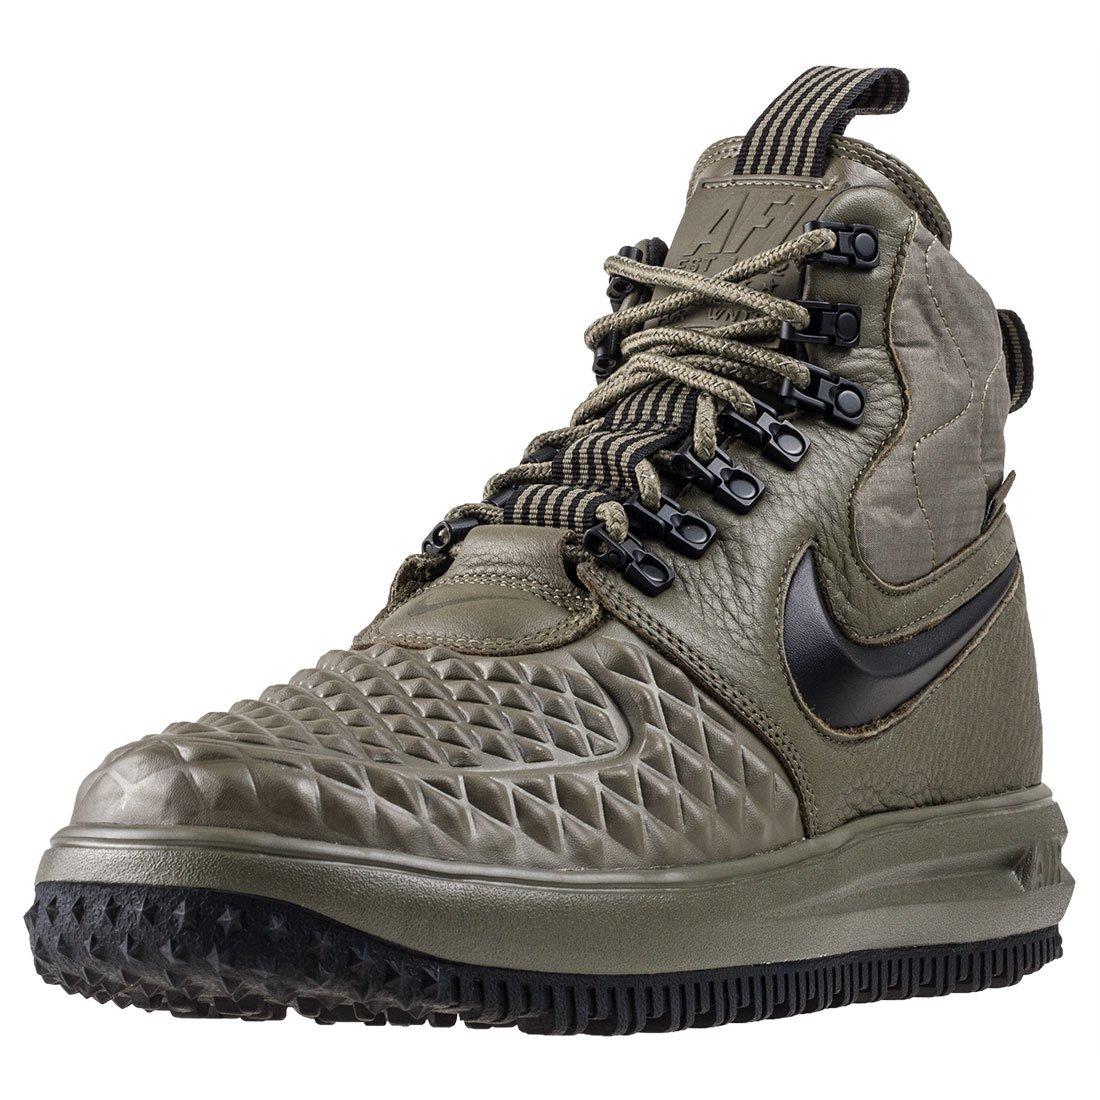 Nike Lunar Force 1 17 Duckboot 916682-202  47 EU Medium Olive/Black-wolf Grey